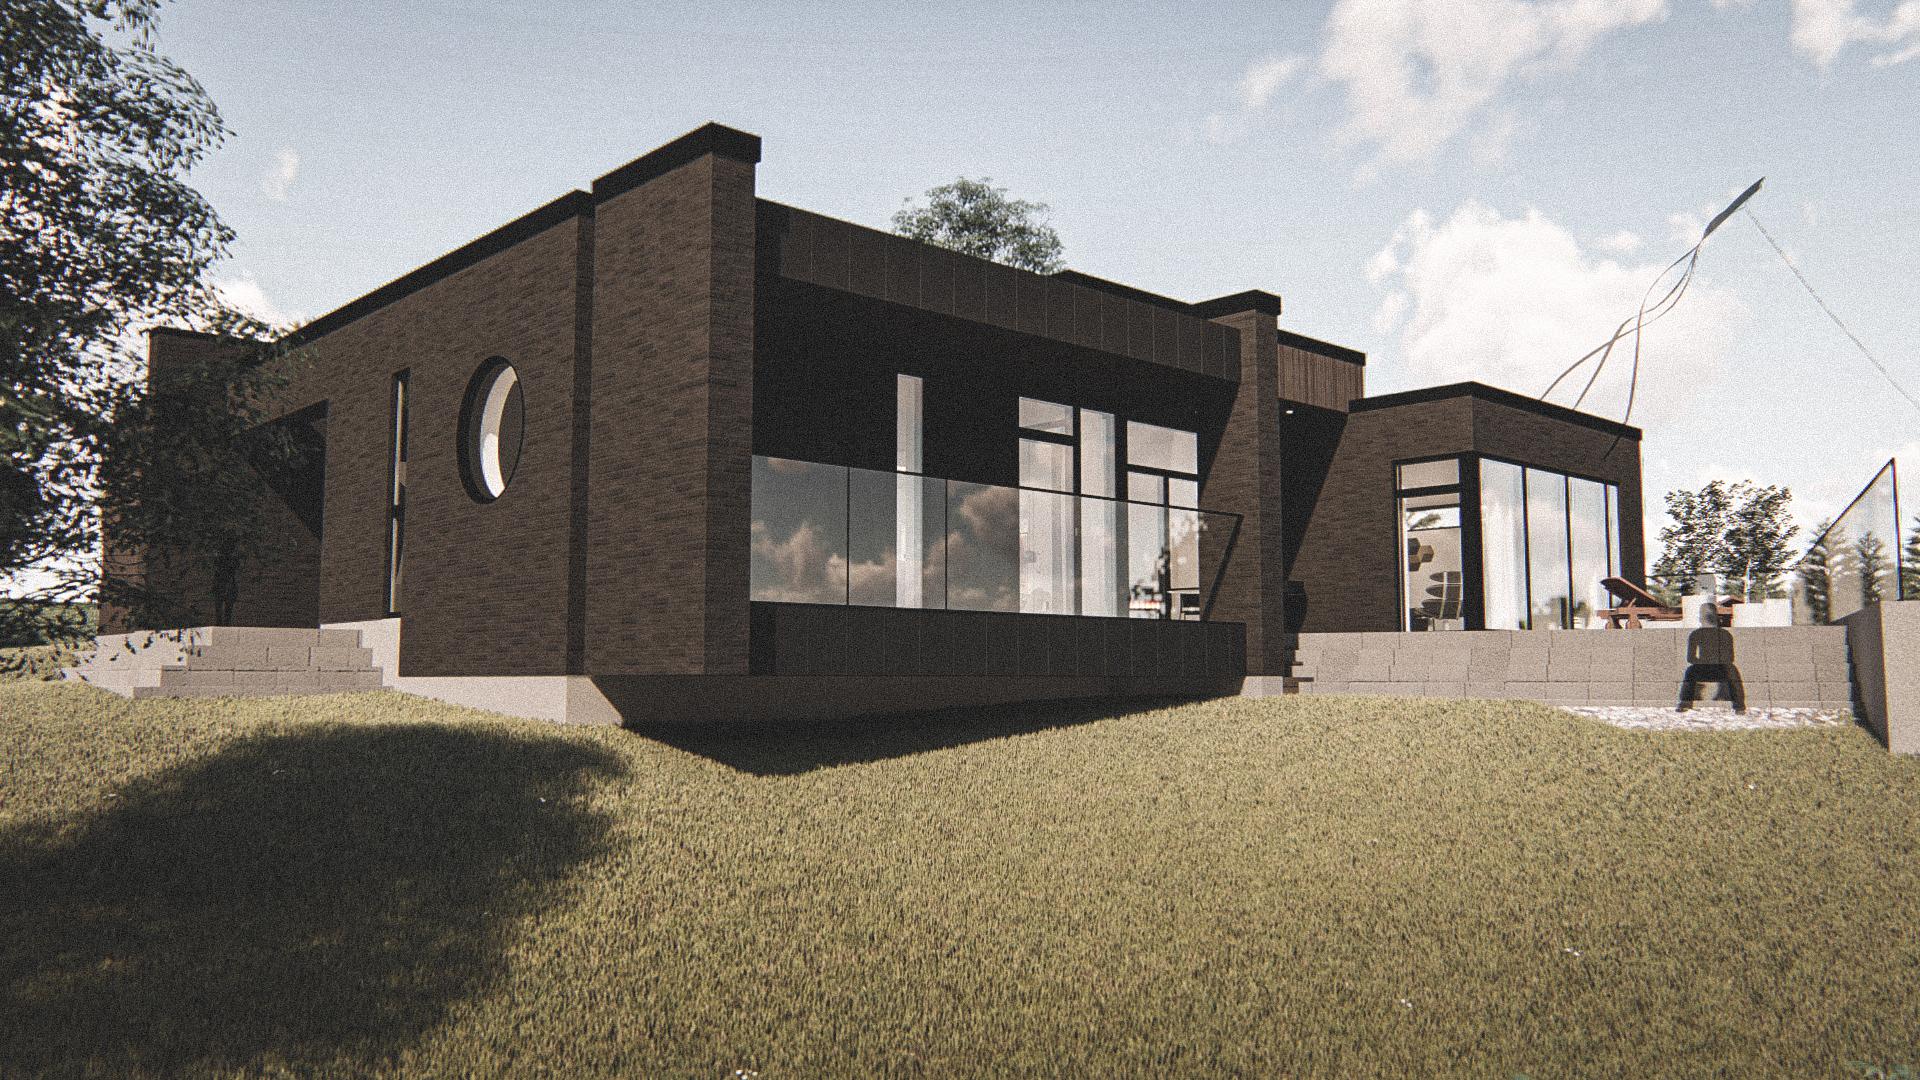 Billede af Dansk arkitekttegnet 1 plan villa af arkitektfirmaet m2plus, i Viborg på 228 kvartratmeter.